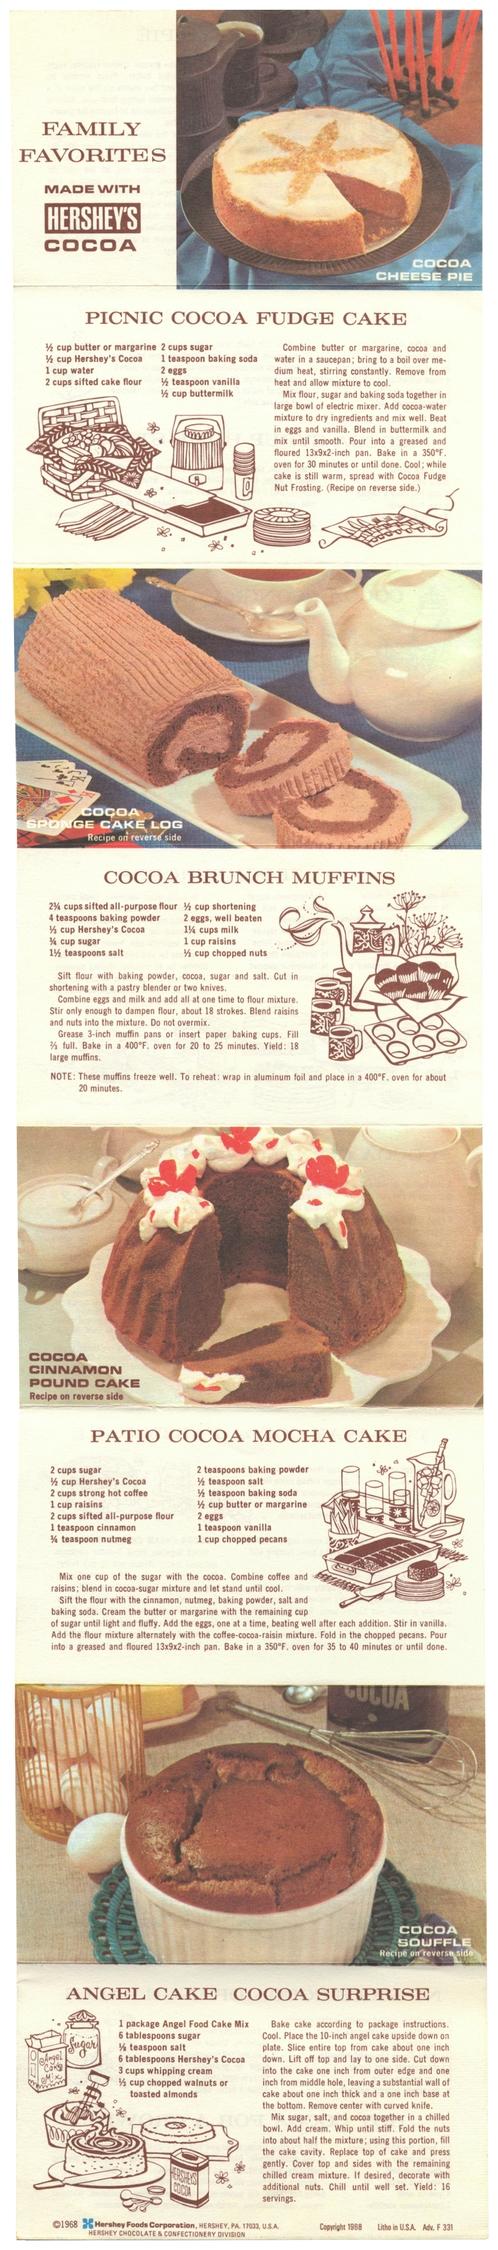 Picnic Cocoa Fudge Cake, Brunch - eudaemonius   ello